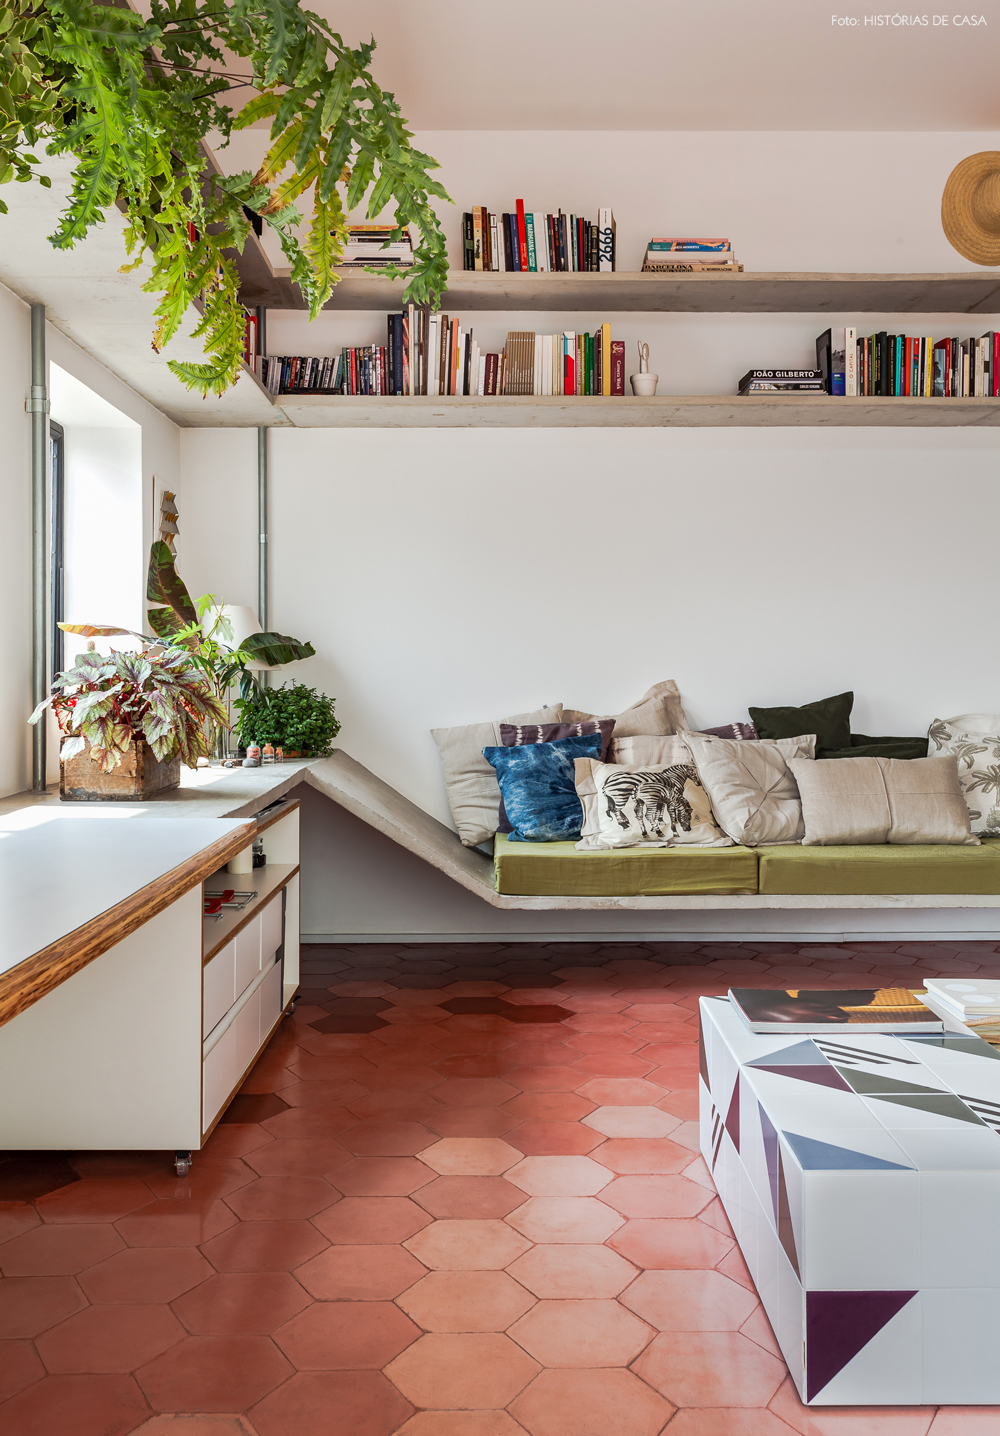 09-decoracao-sofa-feito-de-concreto-futons-plantas